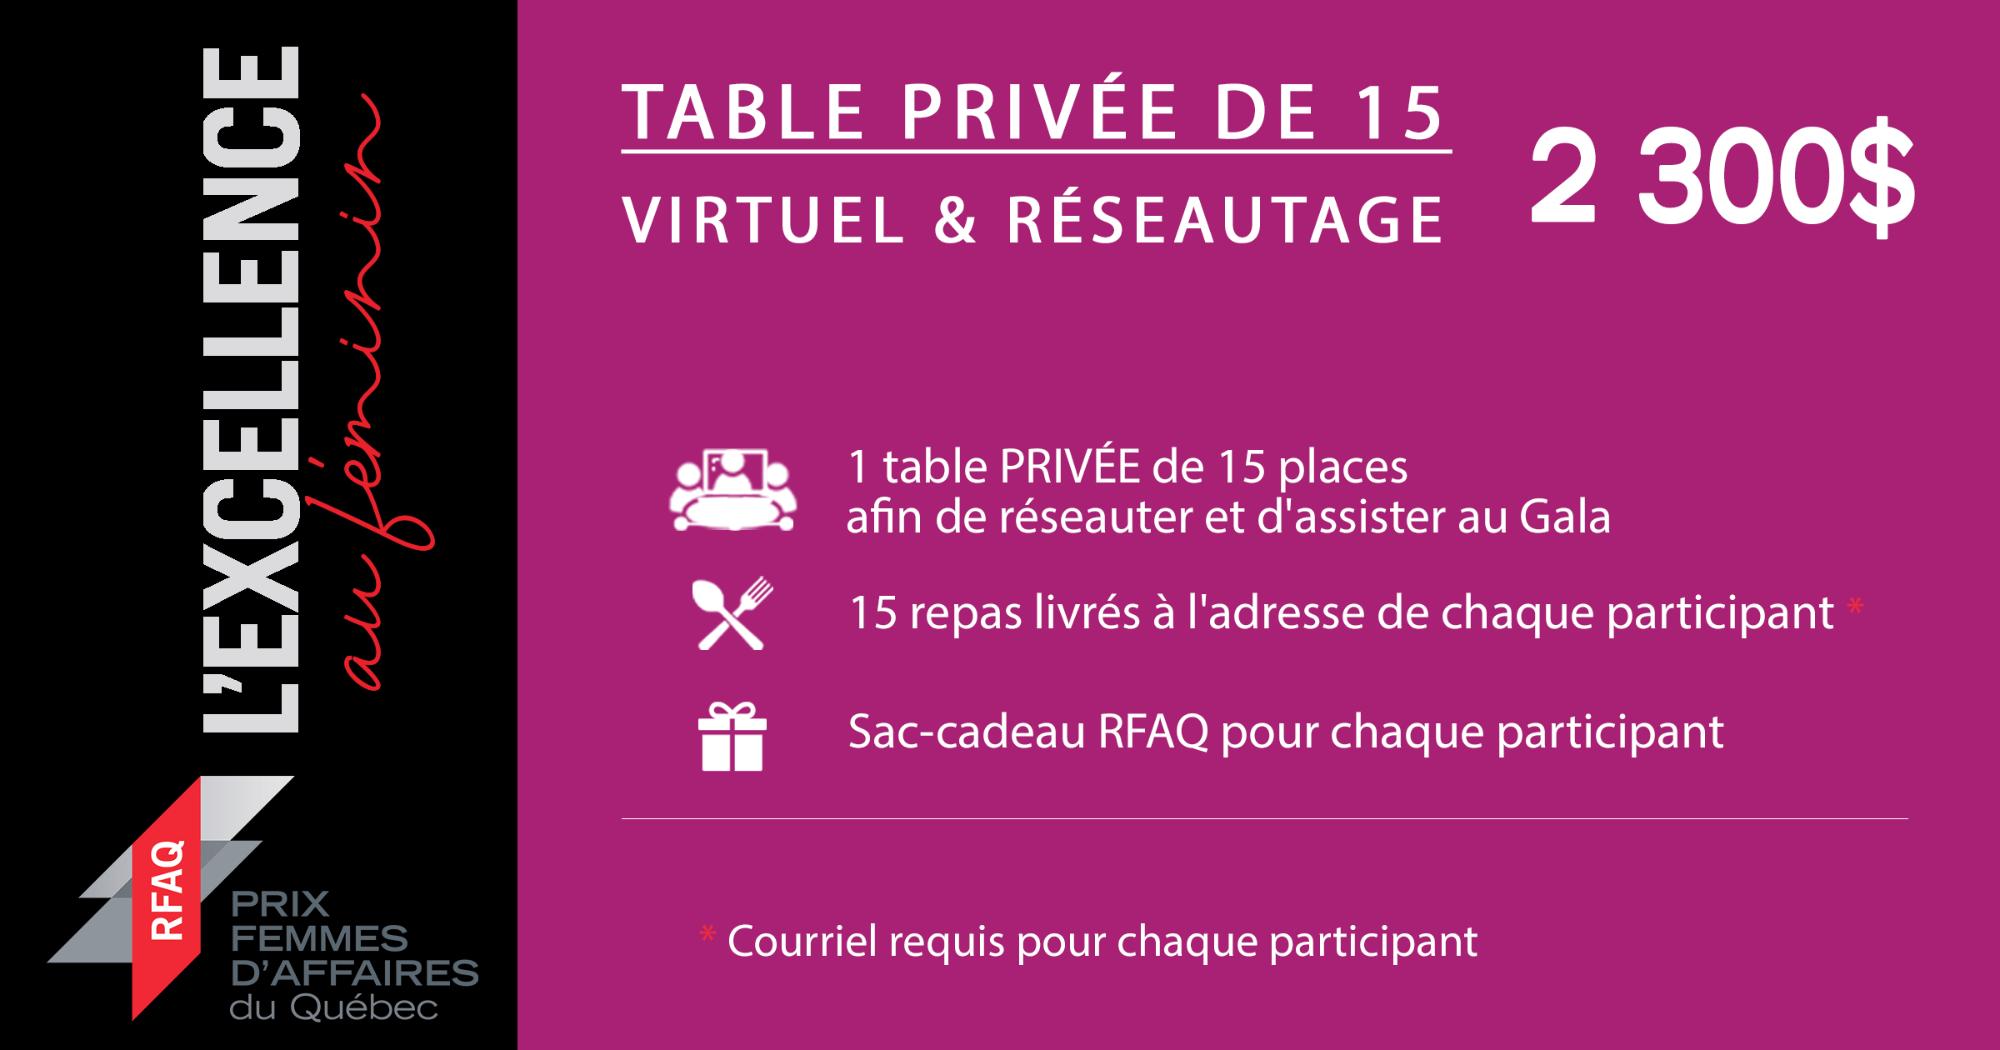 TABLE PRIVÉE DE 15 | VIRTUEL & RÉSEAUTAGE